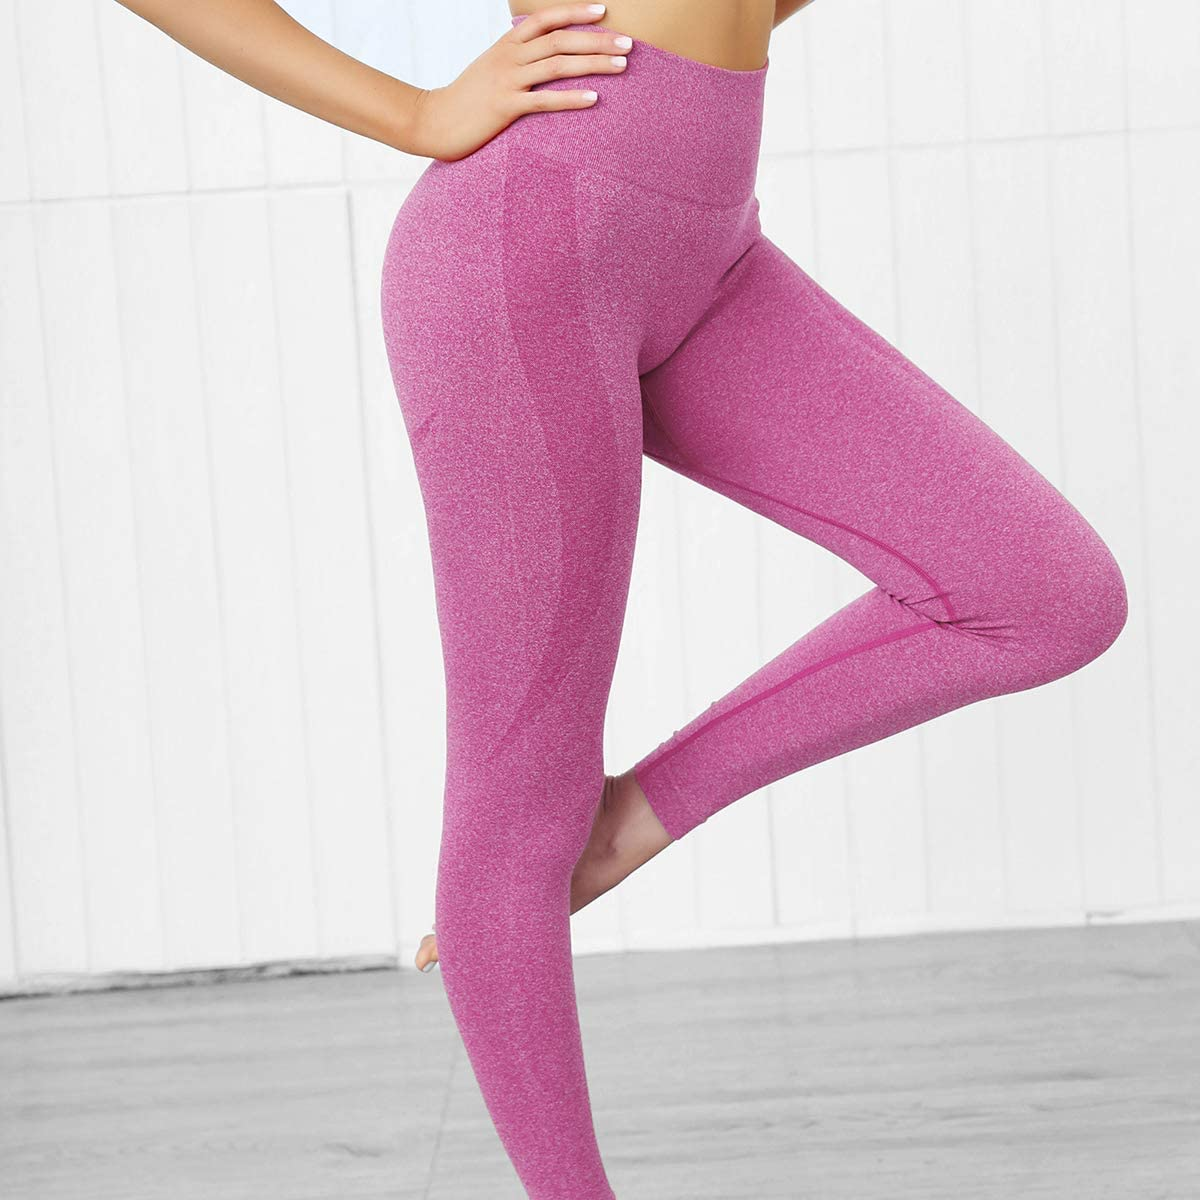 DOULAFASS Workout Seamless High Waist Yoga Sports Butt Lifting Legging for Women